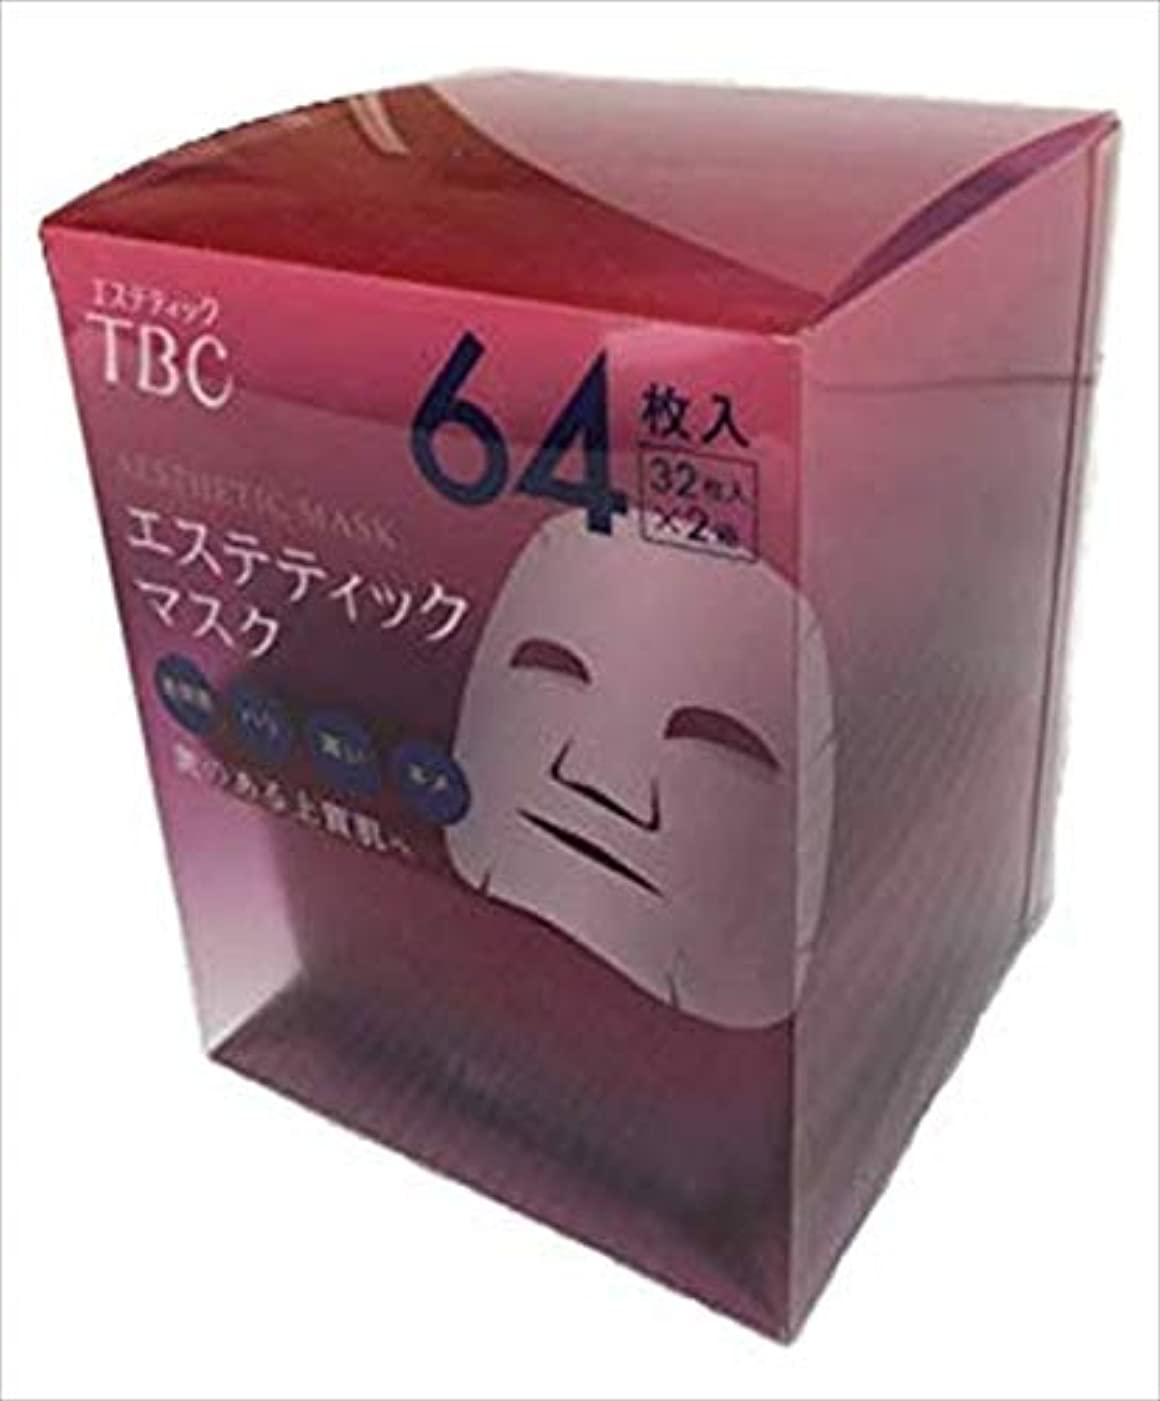 試みるオーブンリッチエステティックTBC フェイスマスク 32枚×2個